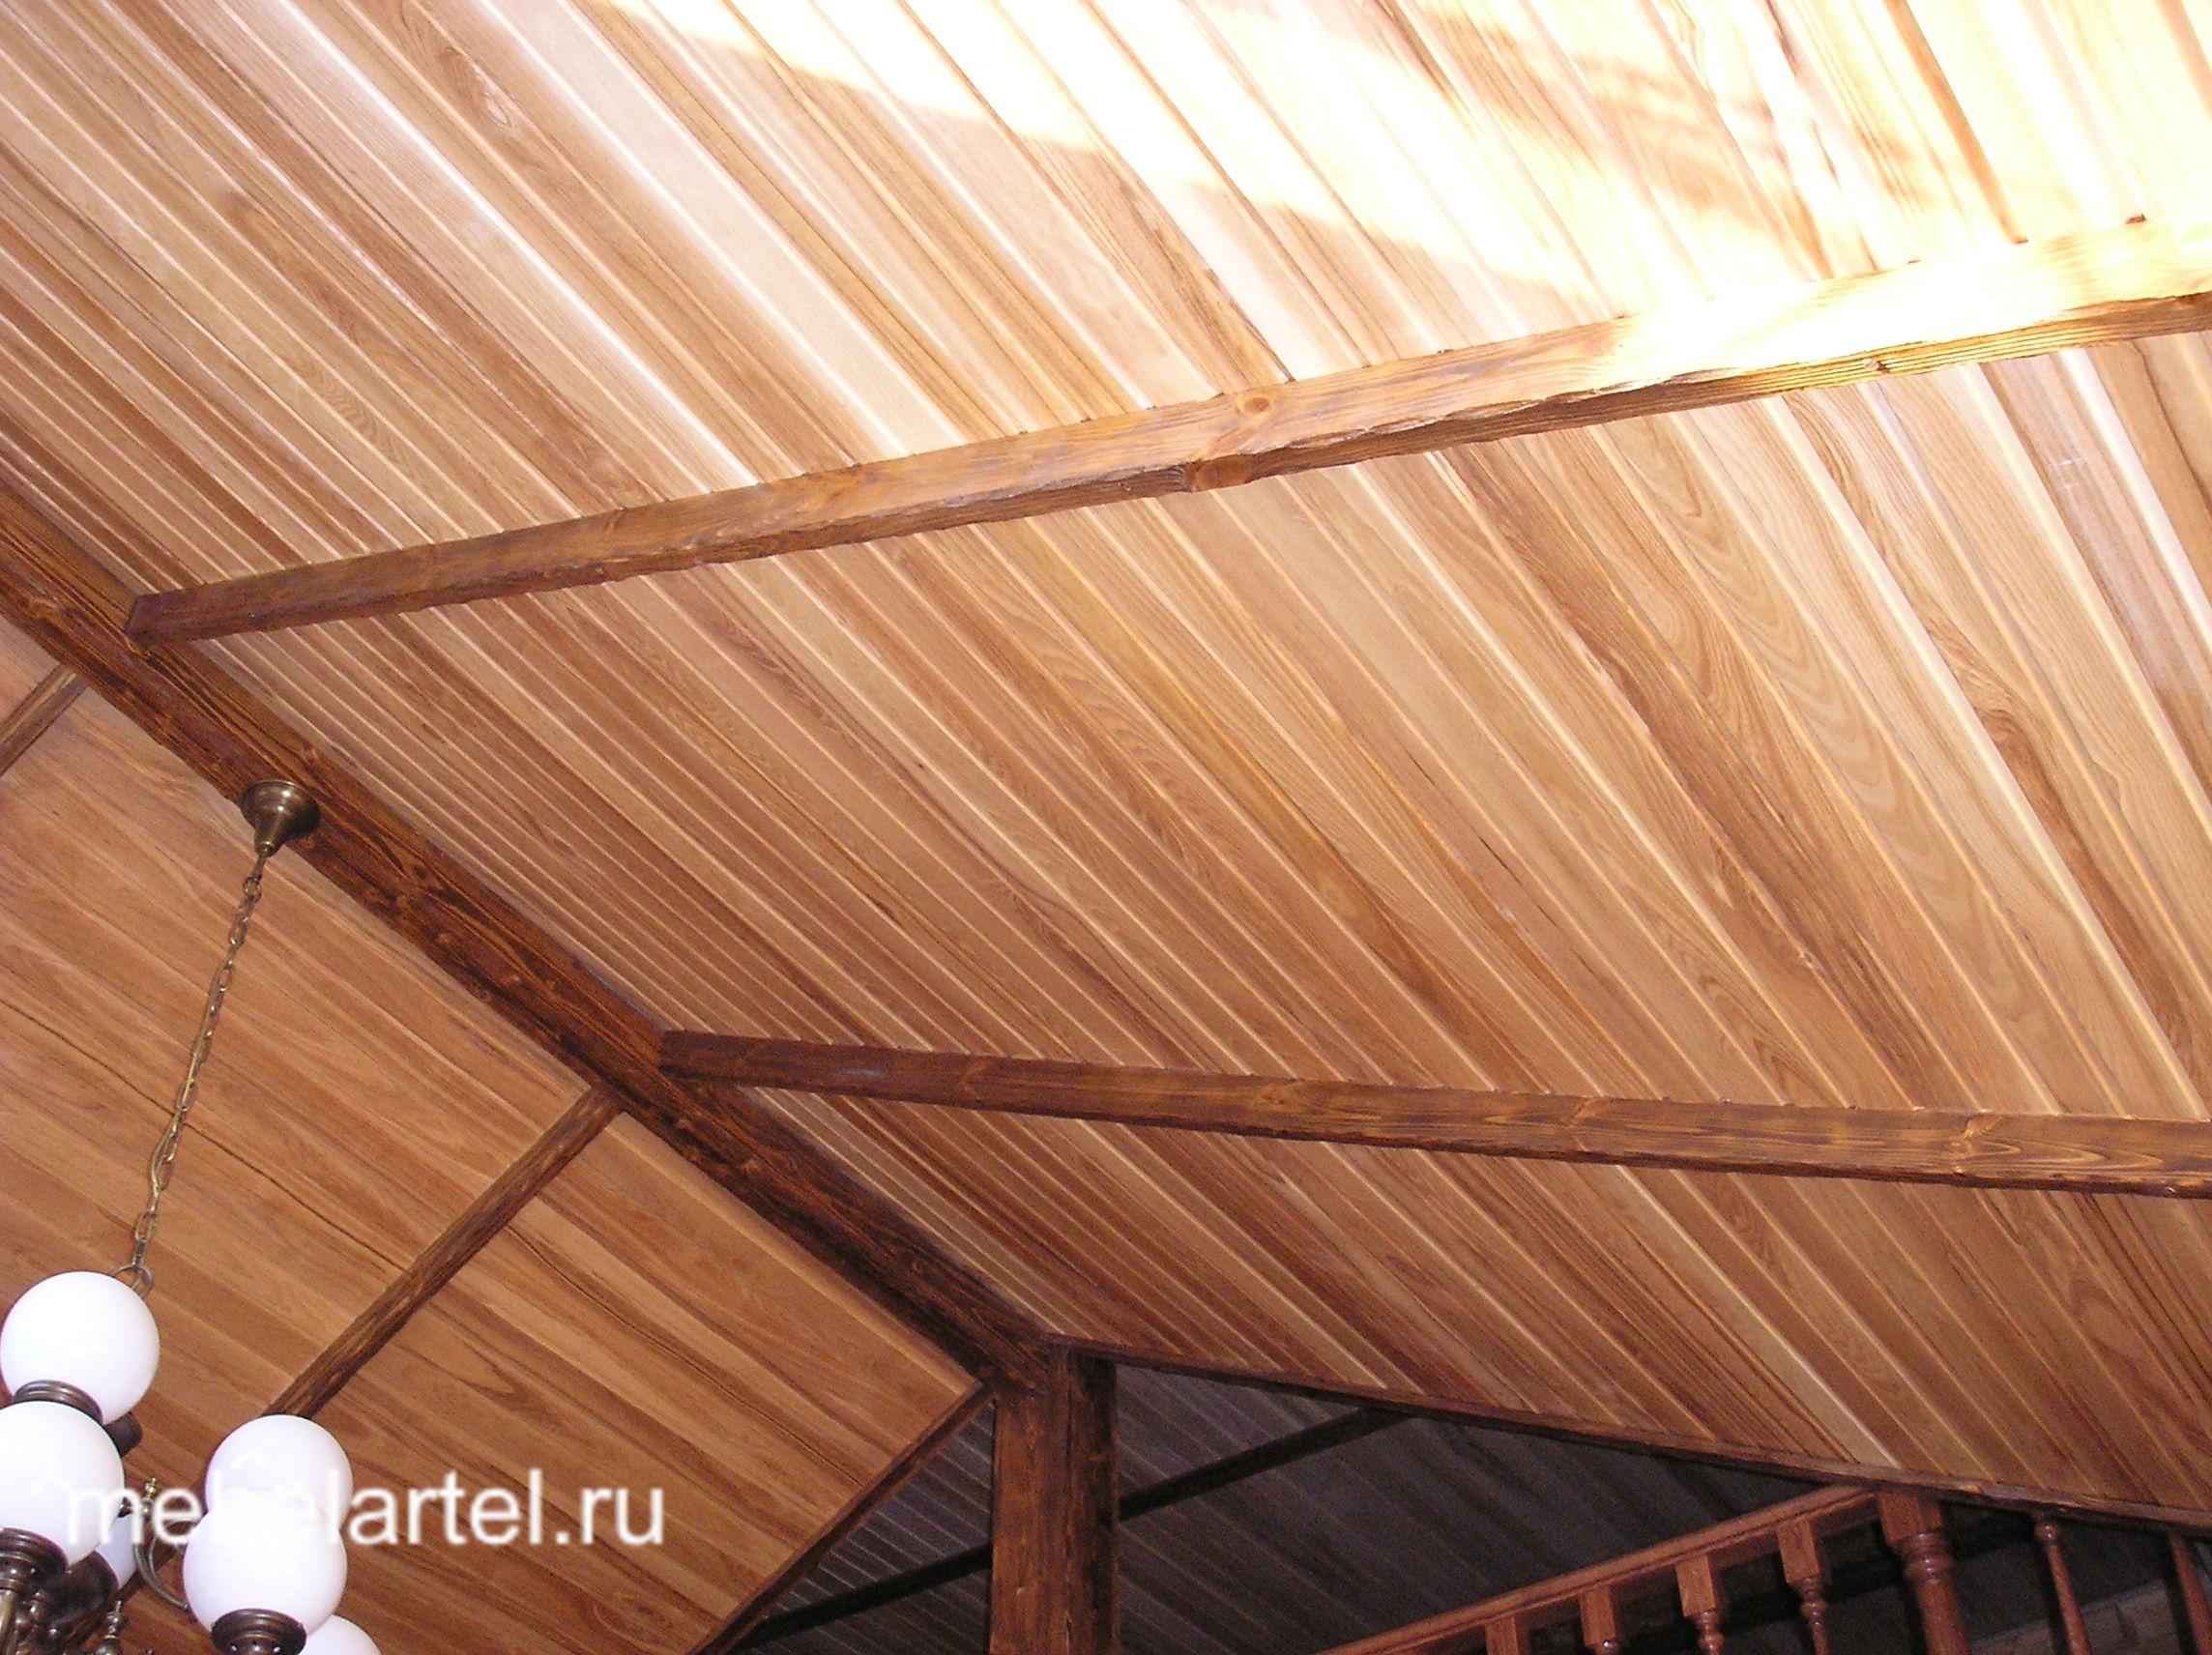 Изготовление декоративной балки из дерева